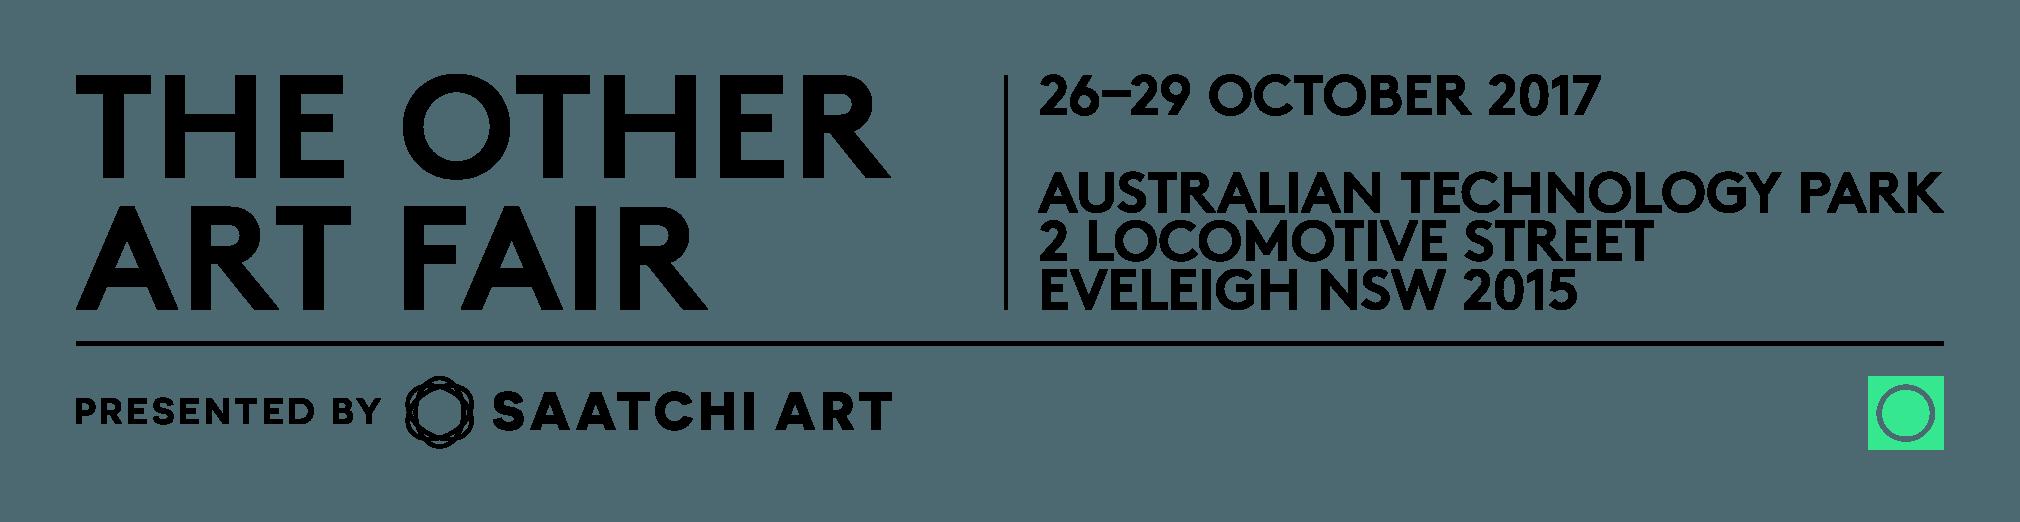 TOAF_SaatchiArt_Logo_Sydney_2017_300.png